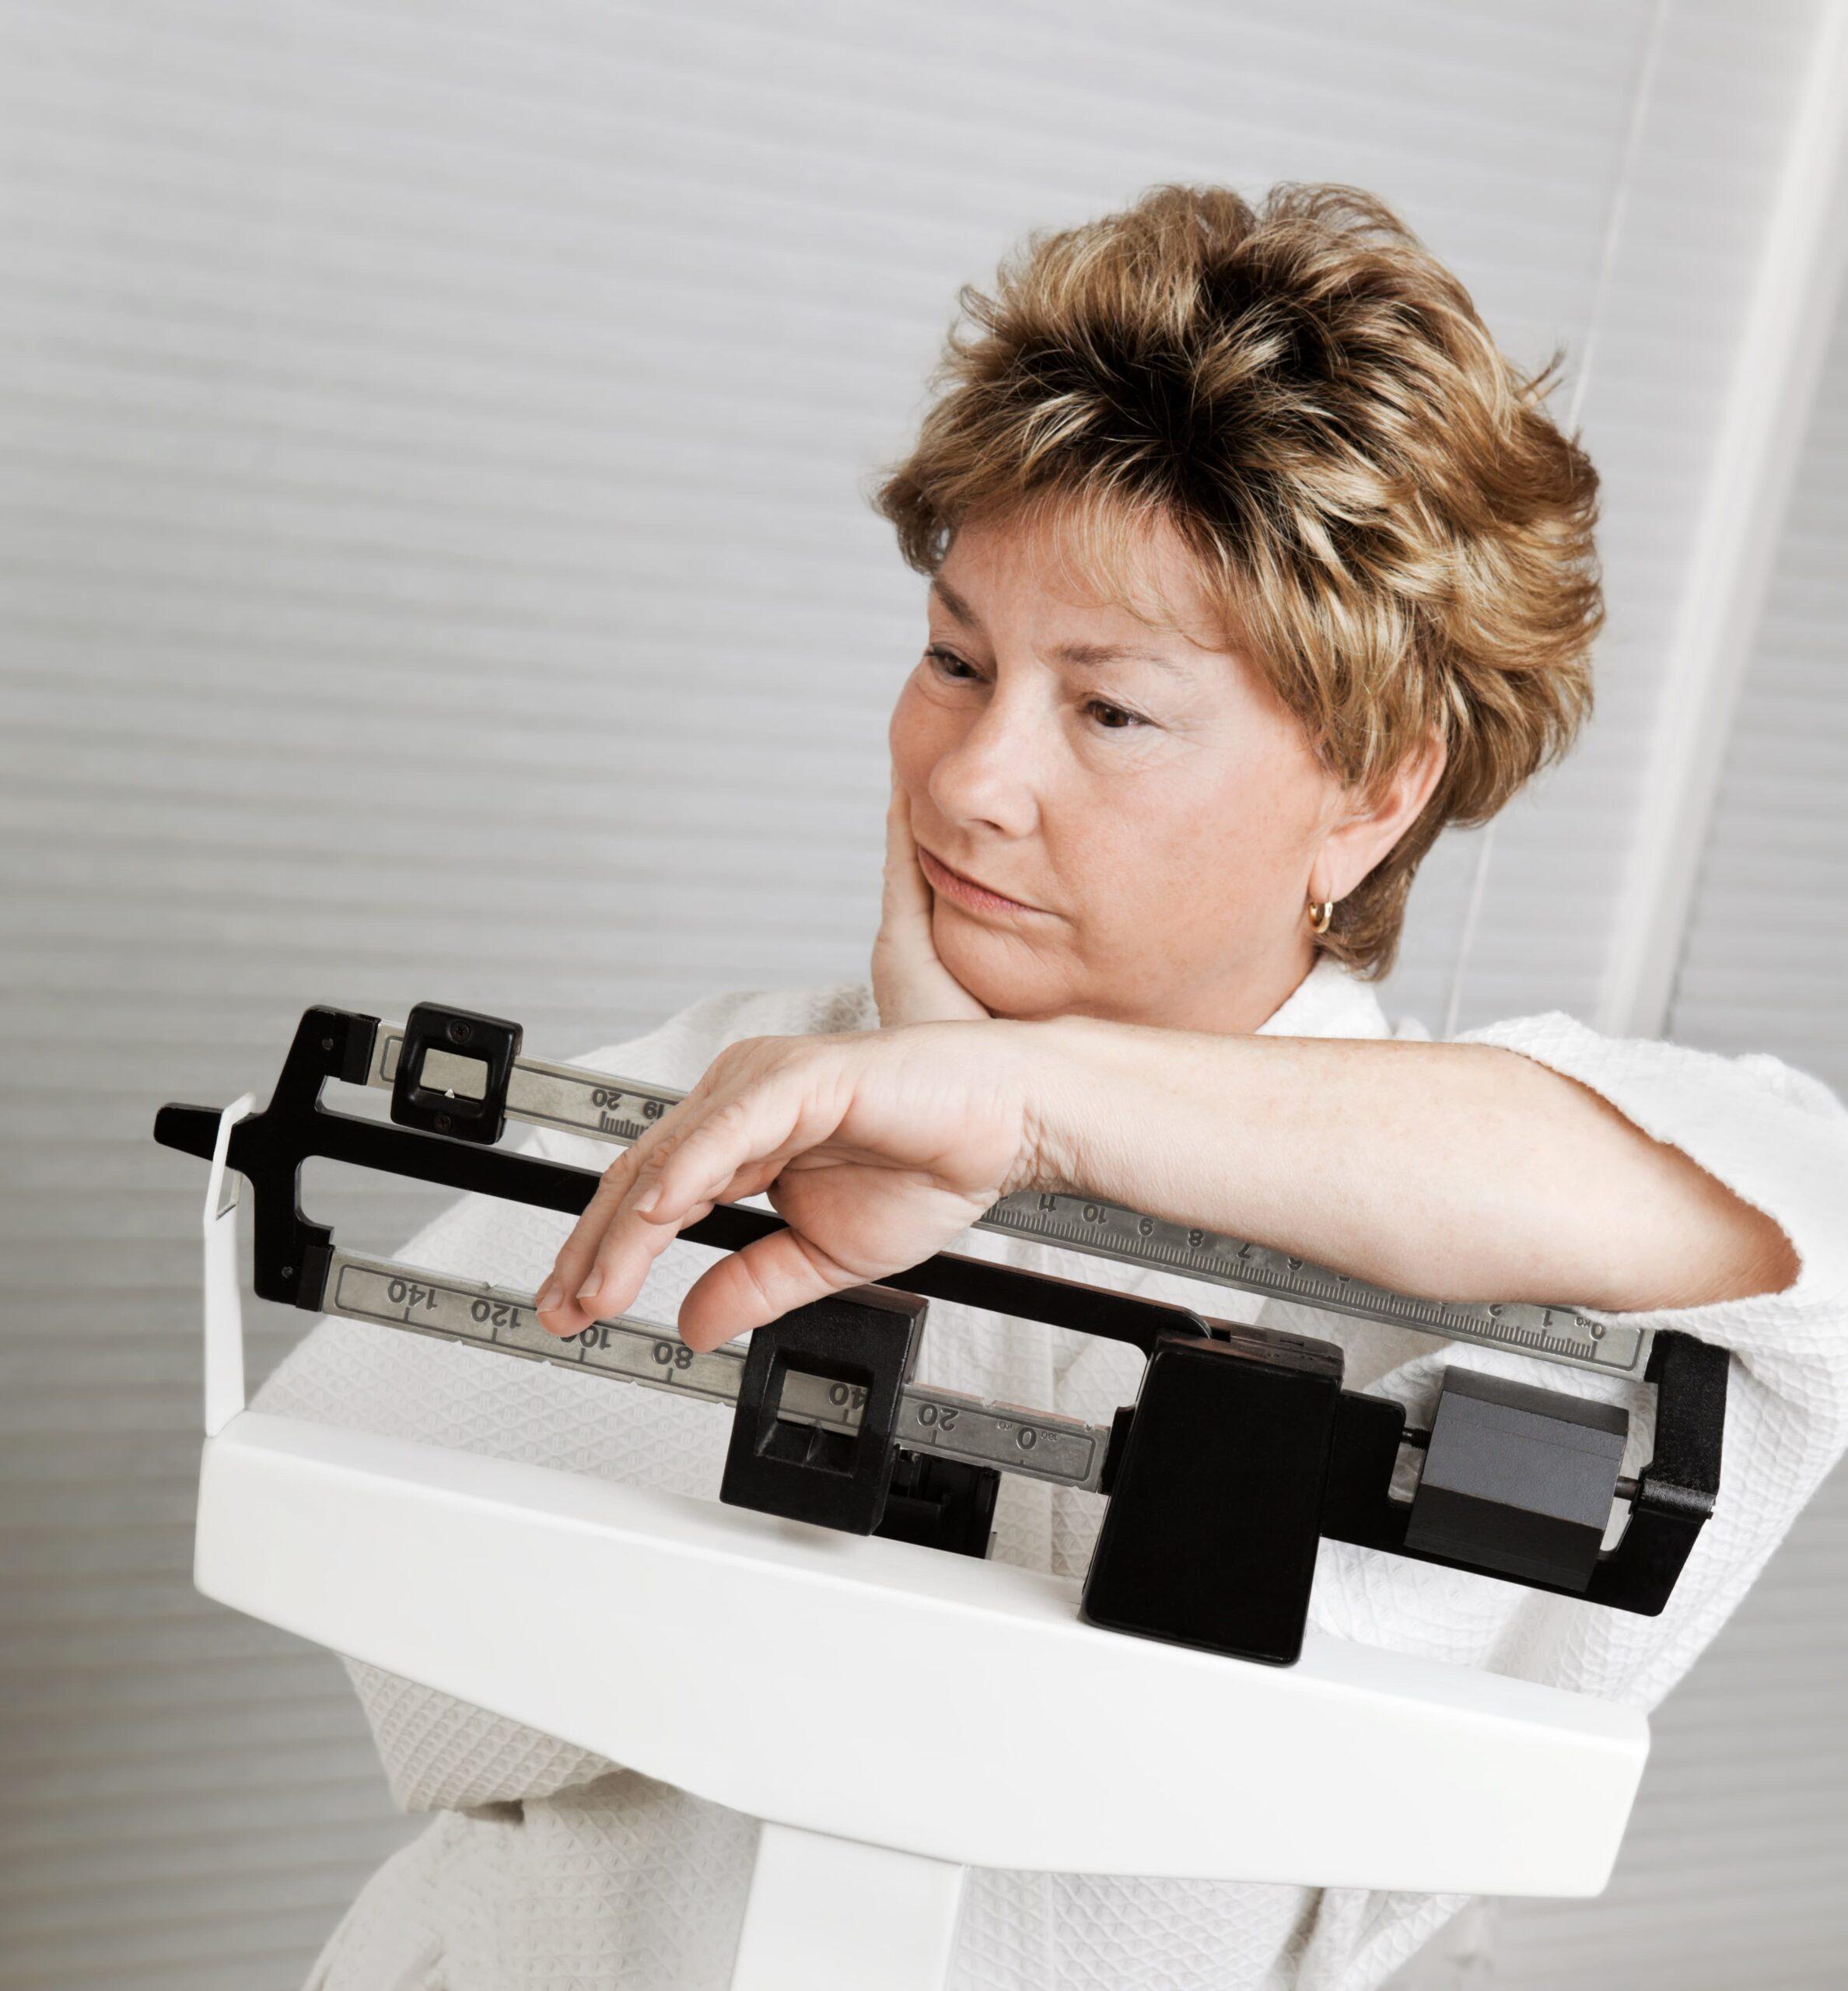 Losing weight help type 2 diabetes